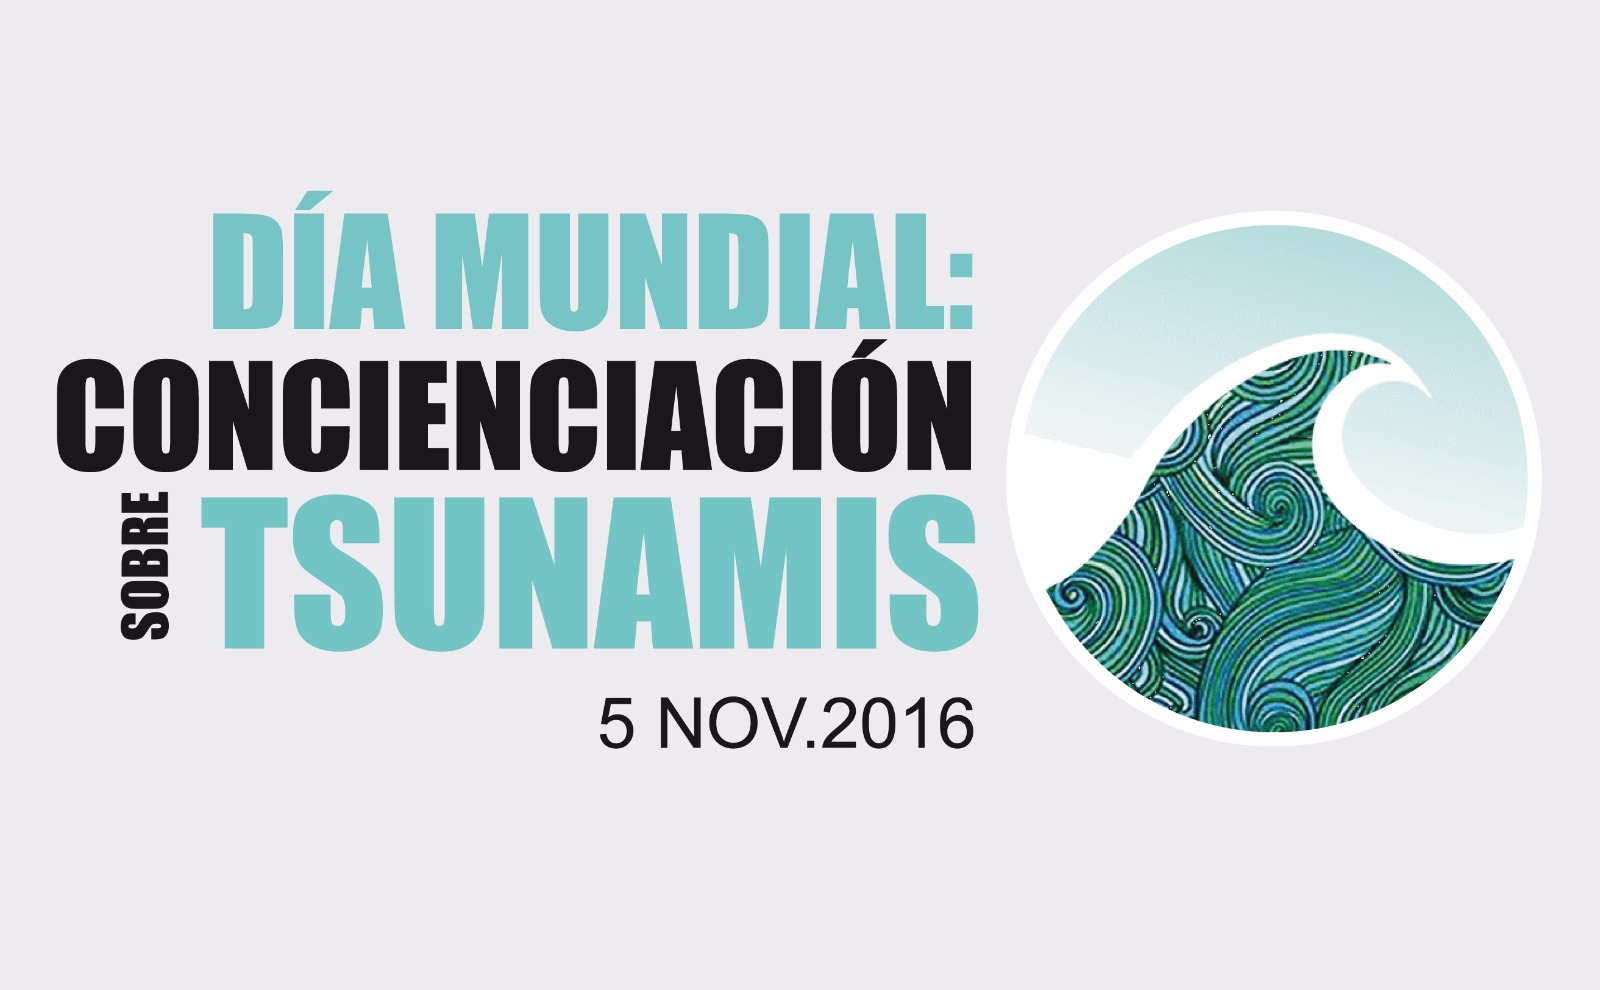 Día Mundial: Concienciación sobre Tsunamis